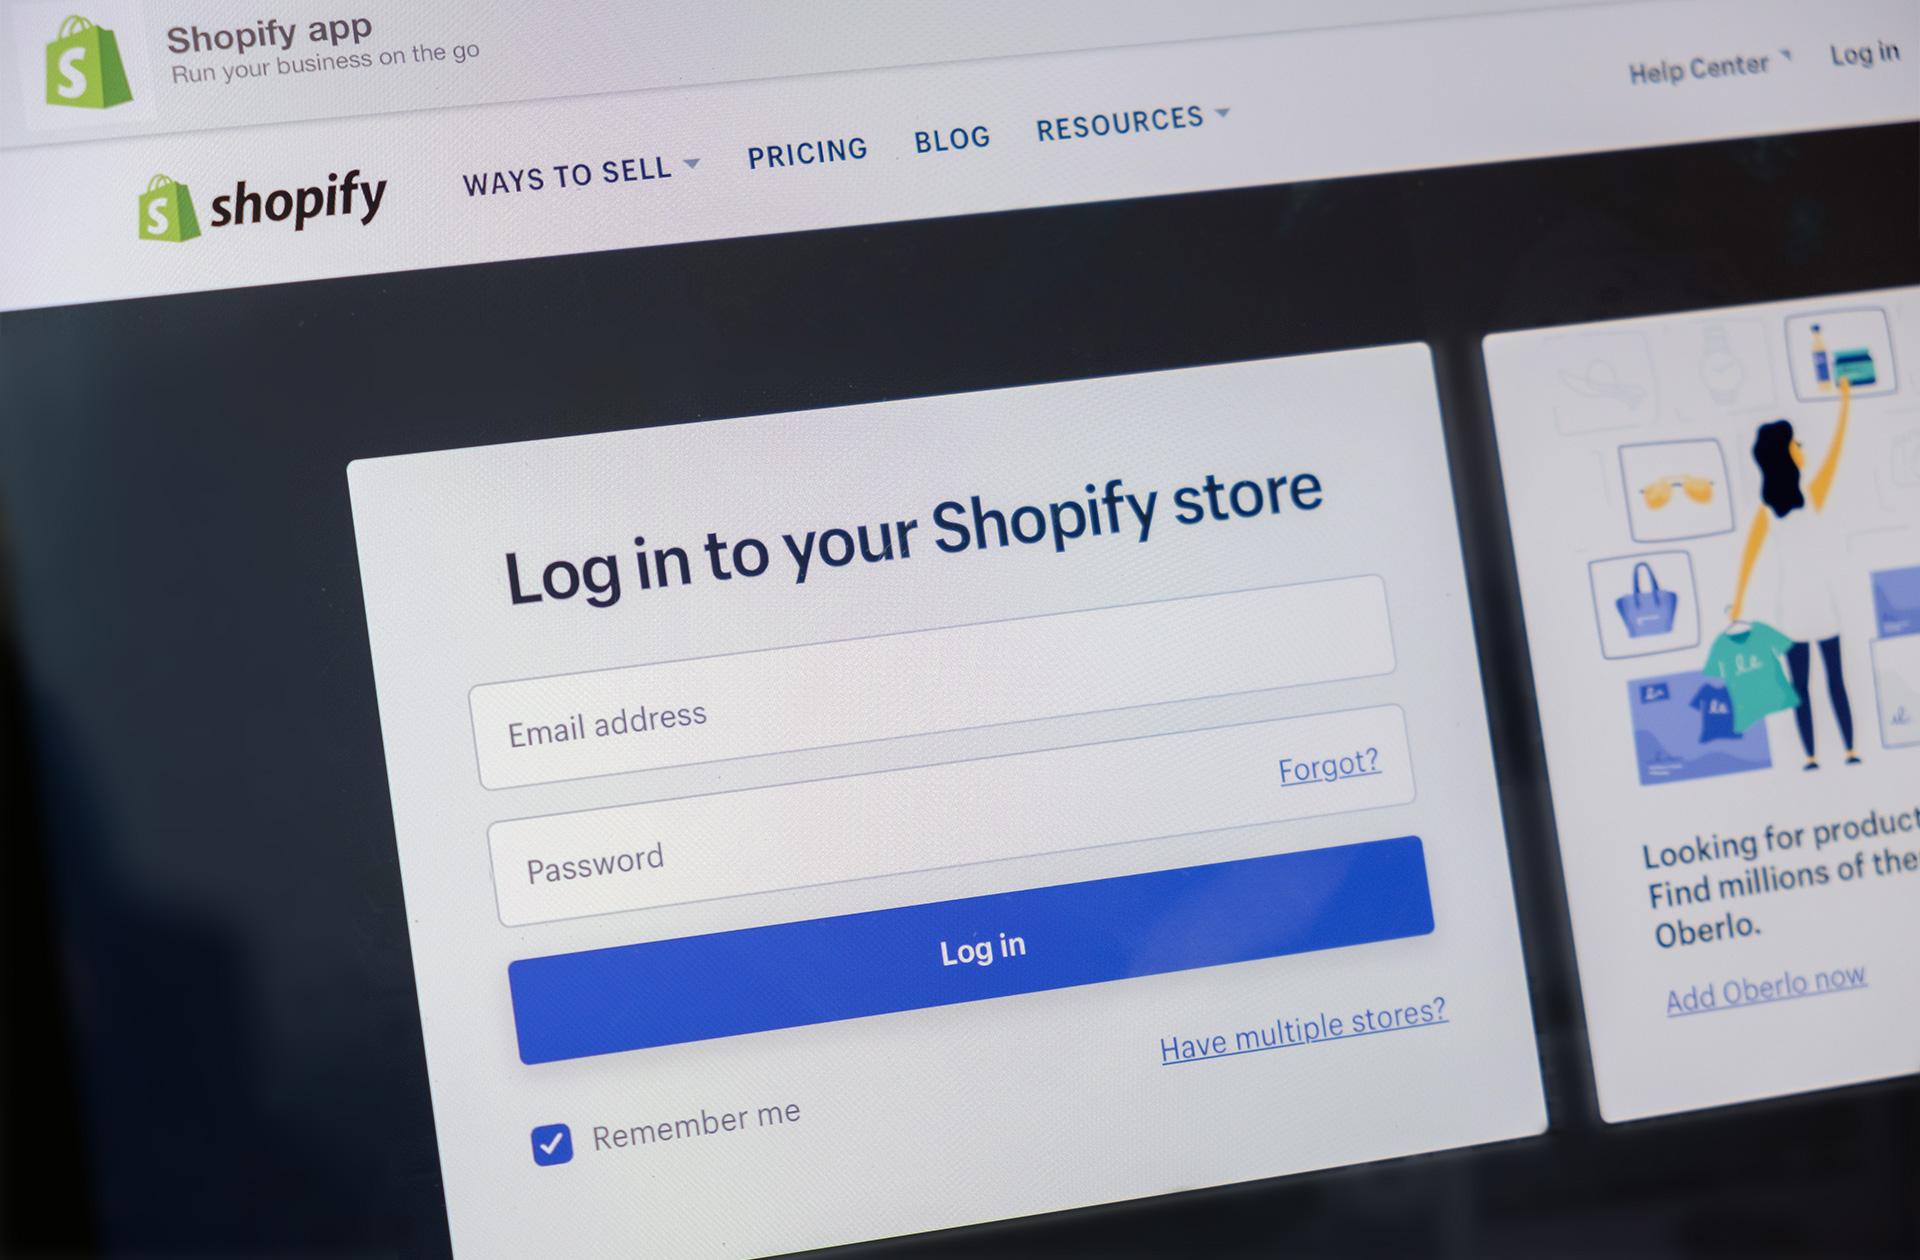 Shopify login screen